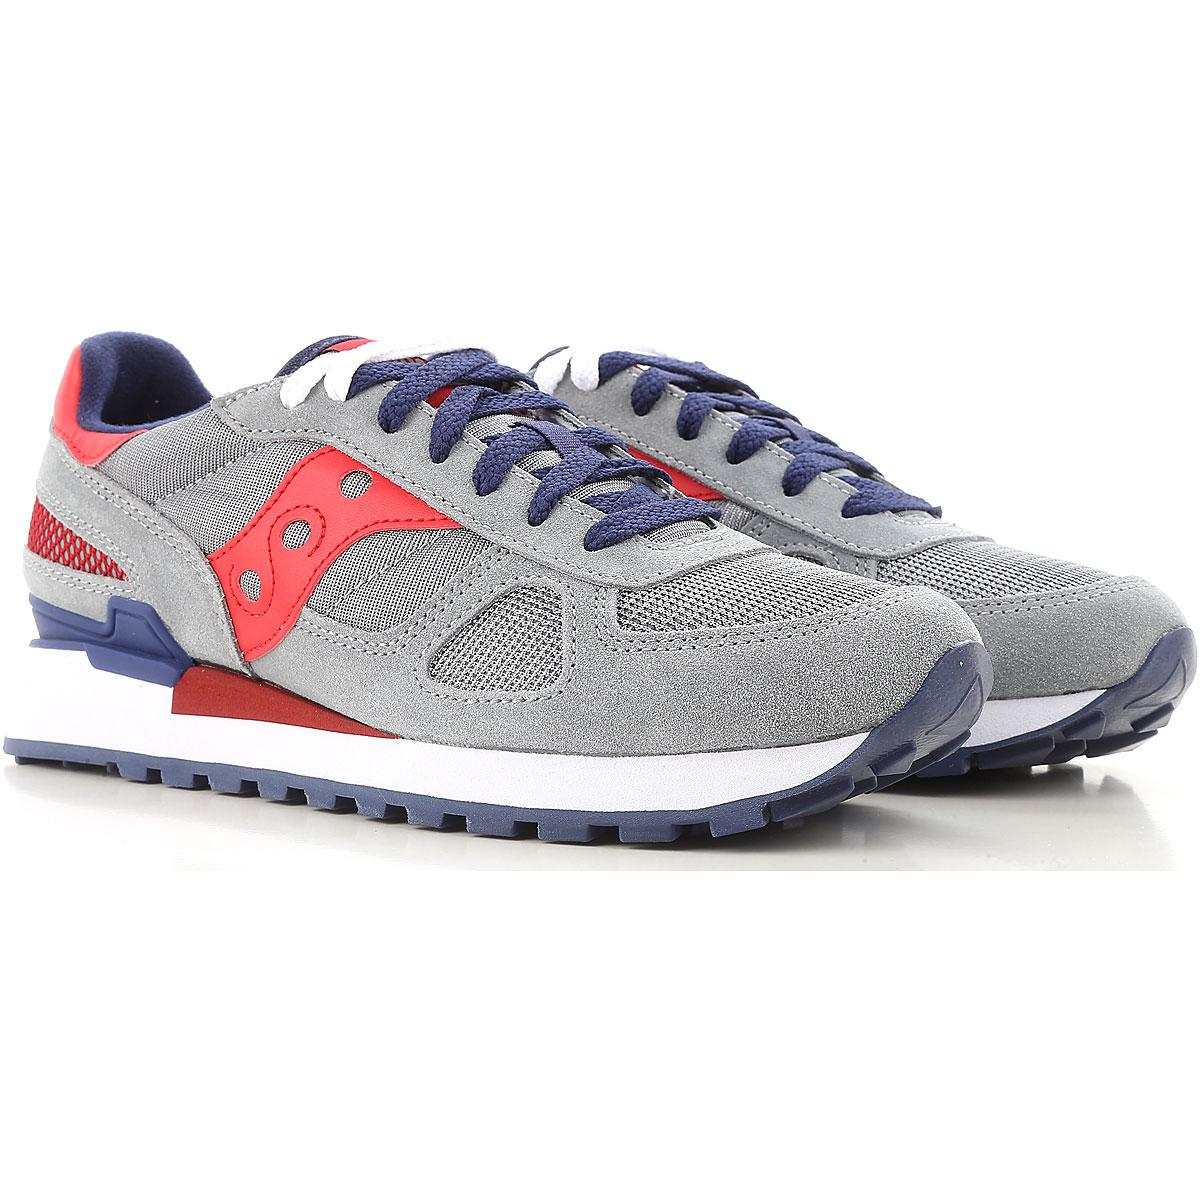 c58d090b19f2 Lyst - Saucony Shoes For Men for Men